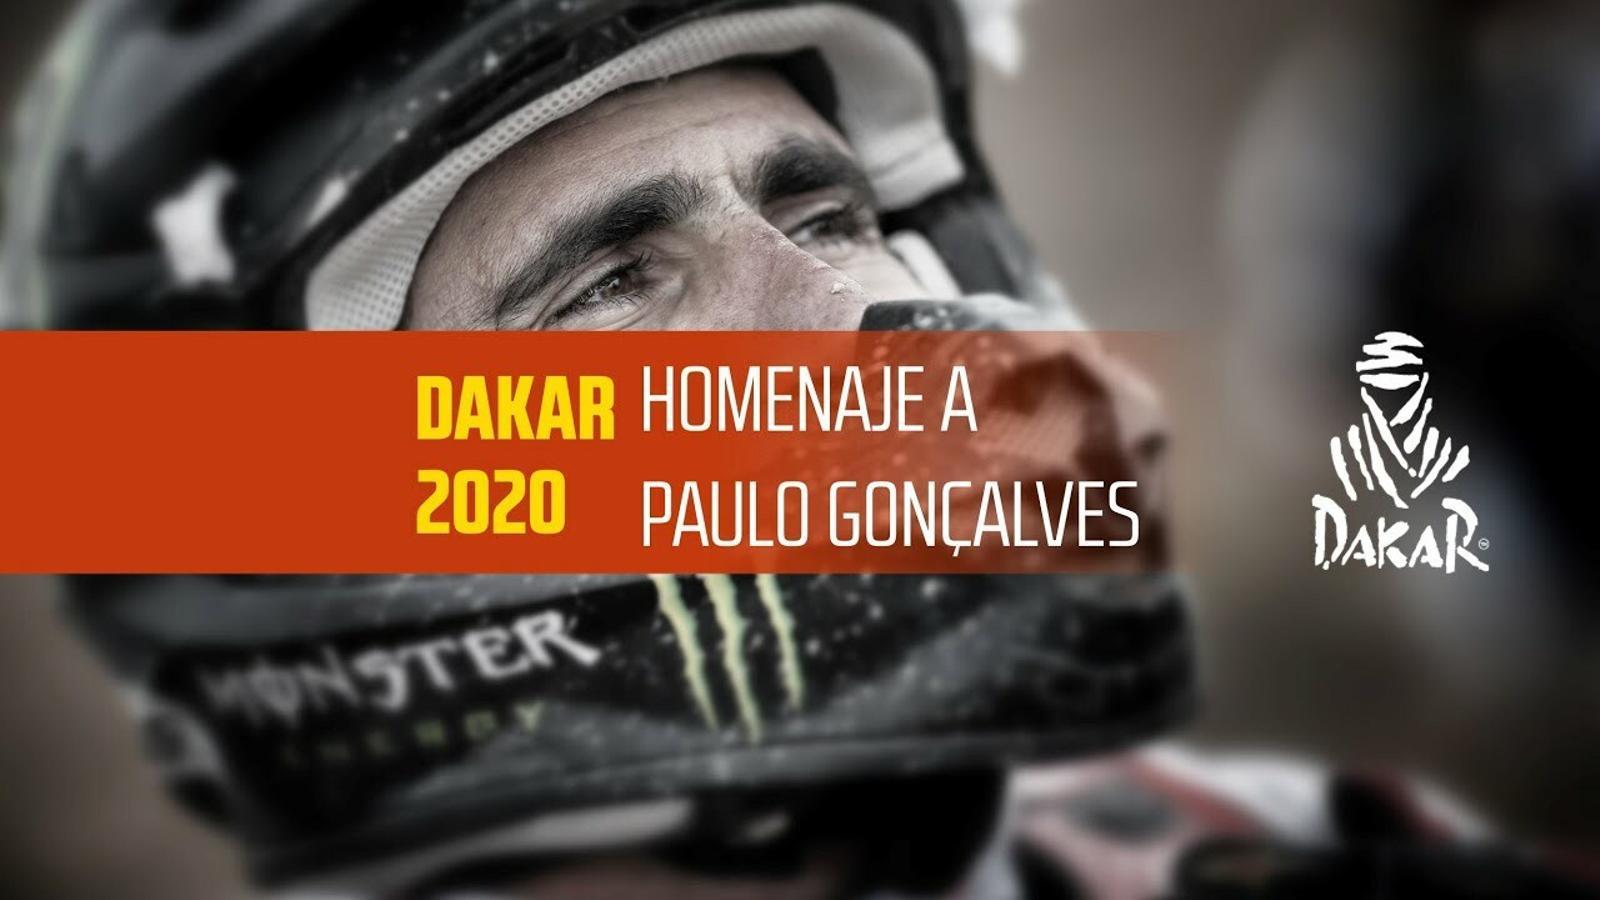 Homenatge a Paulo Gonçalves